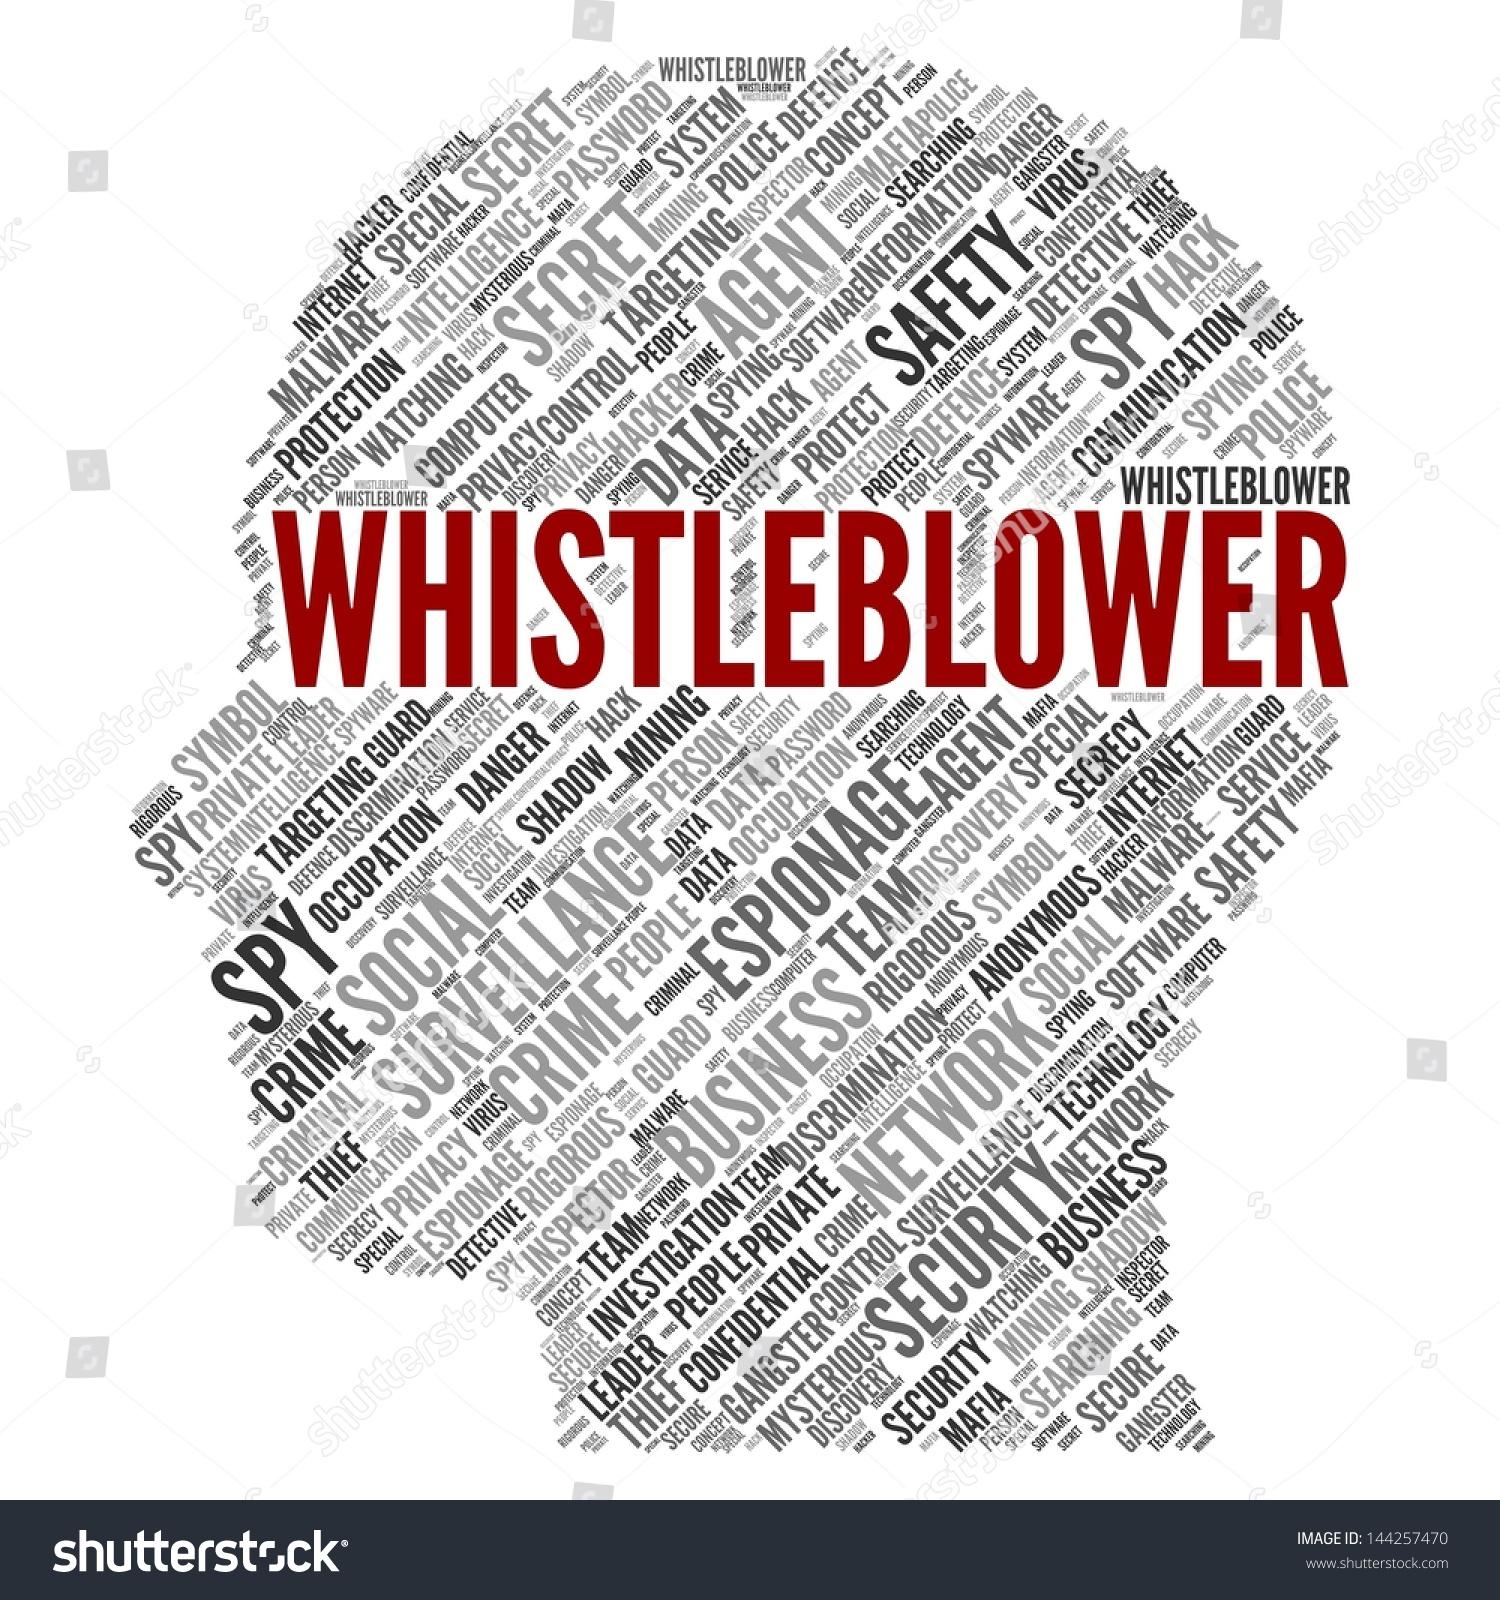 Bildquelle Plusoneshutterstockcom: Whistleblower Stock Photo 144257470 : Shutterstock